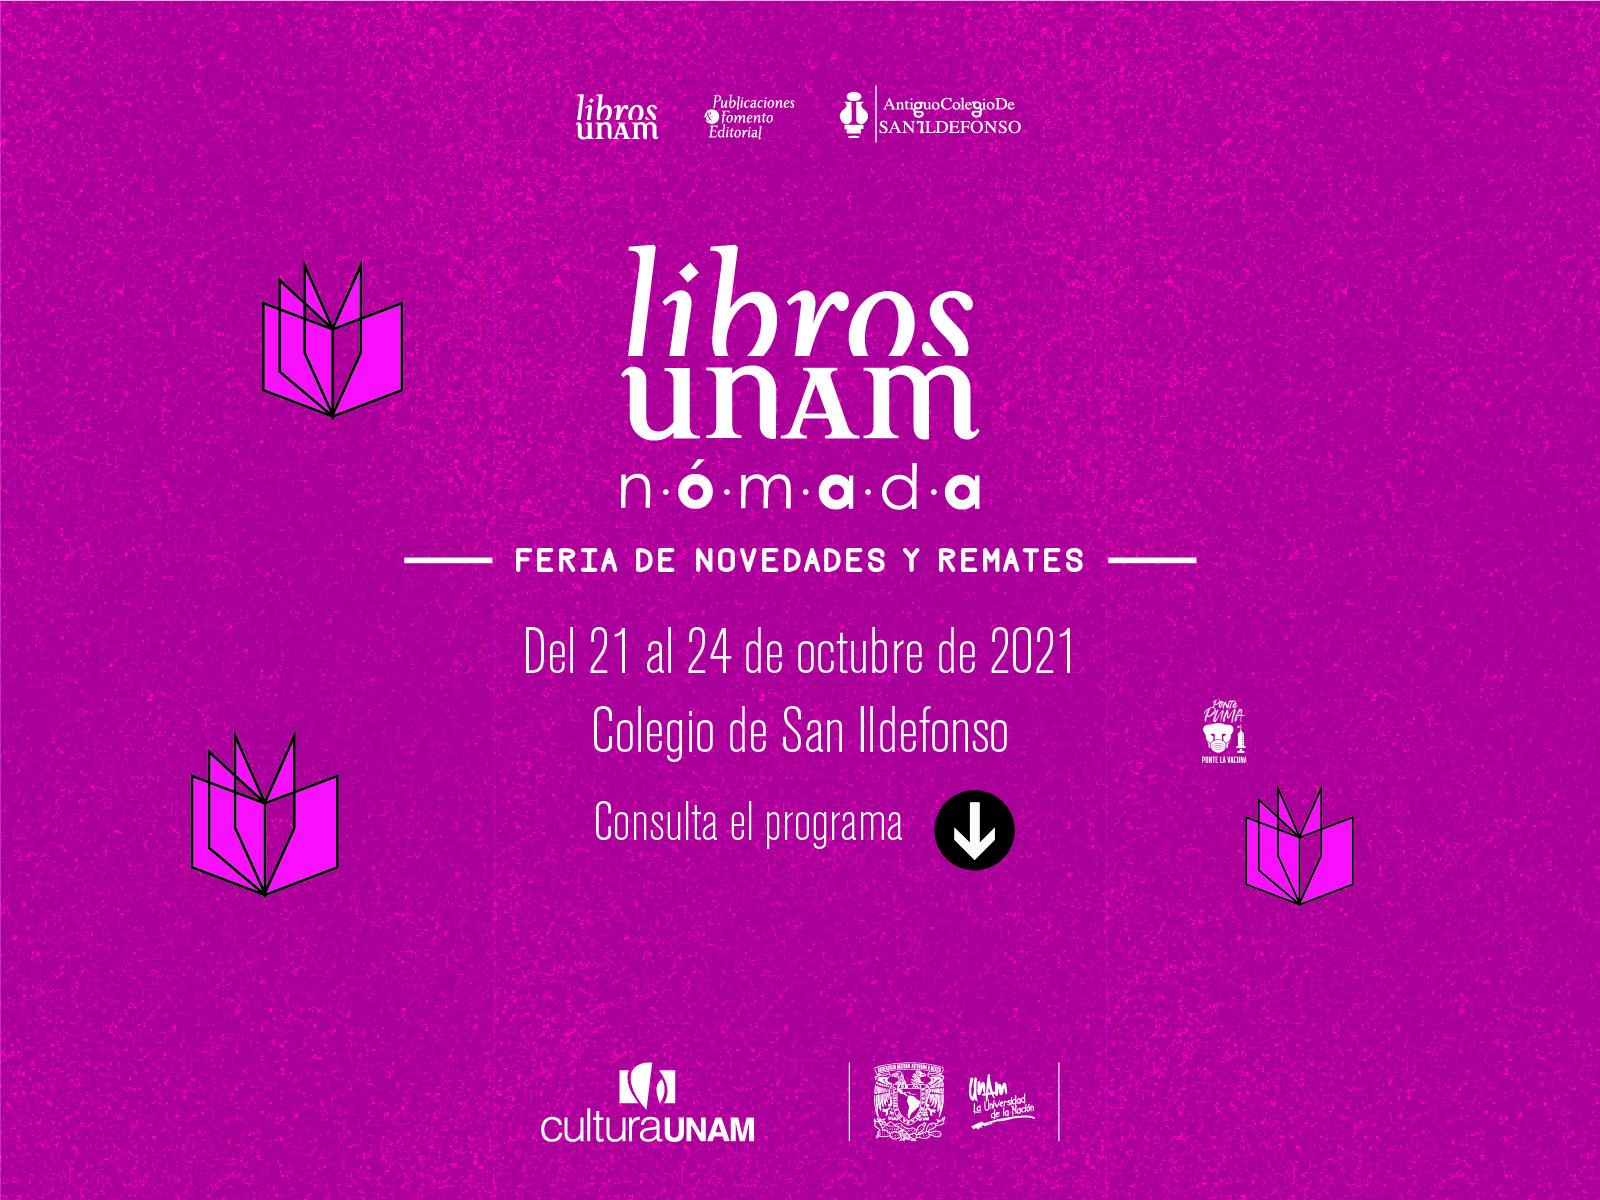 Feria de novedades y remates - N Ó M A D A -  Libros UNAM